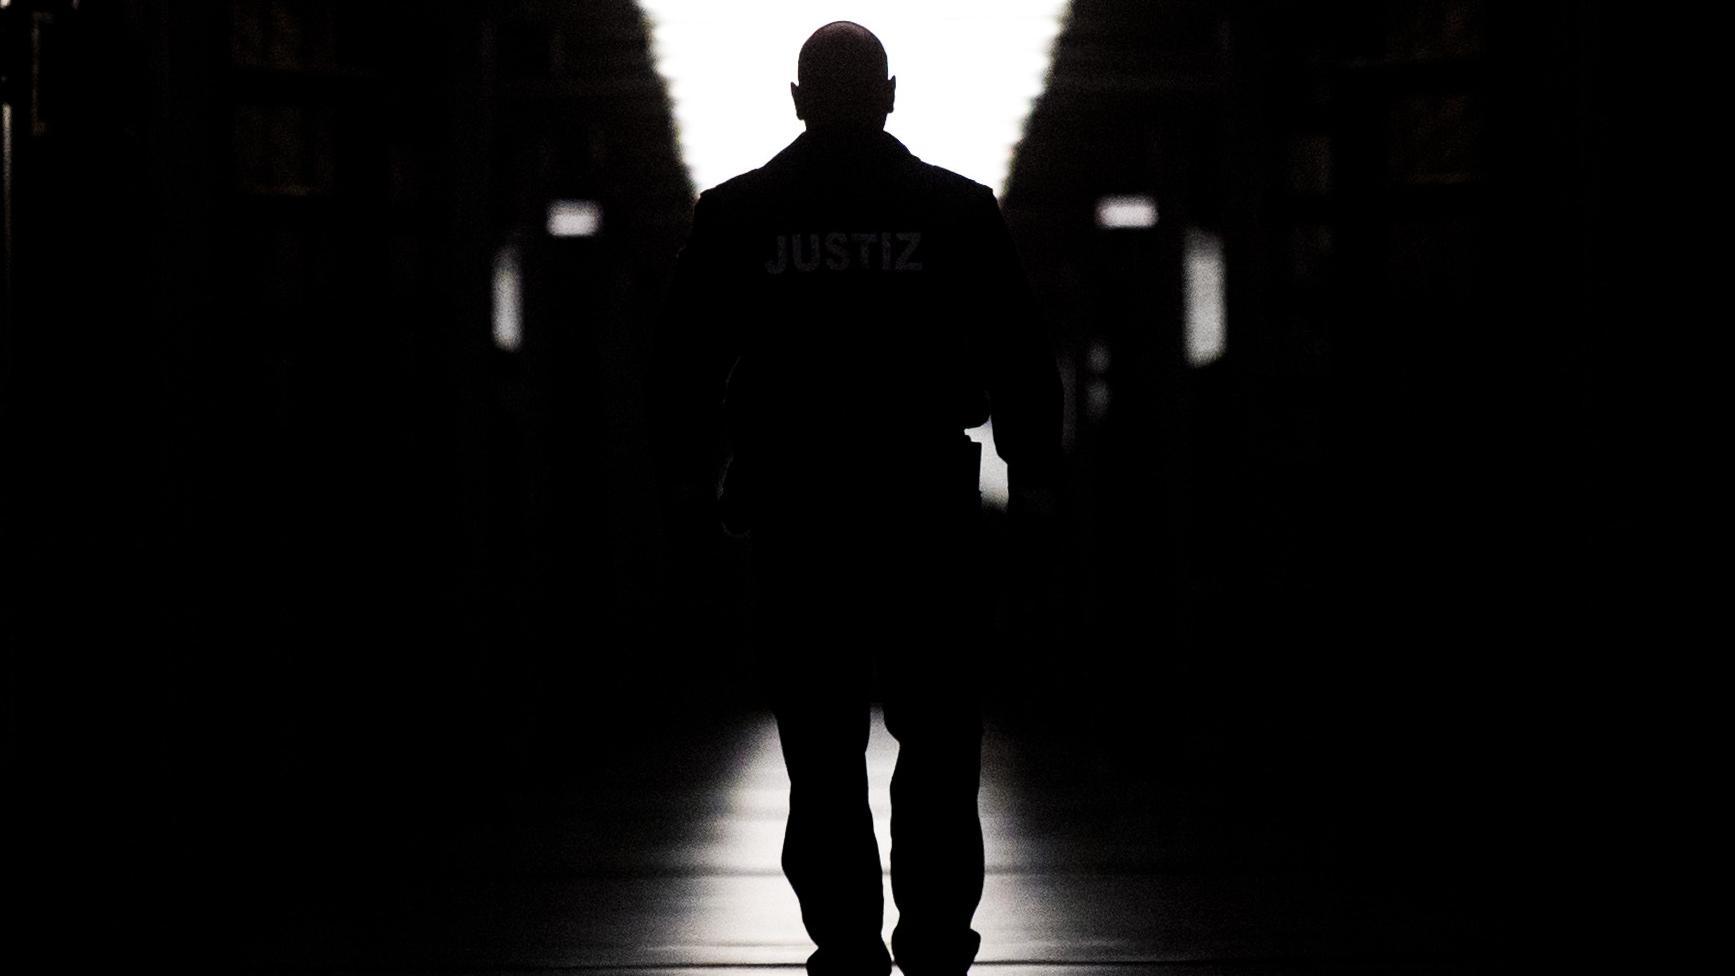 Ein Polizist geht in einem Gefängnis einen langen dunklen Gang entlang (Symbolbild)